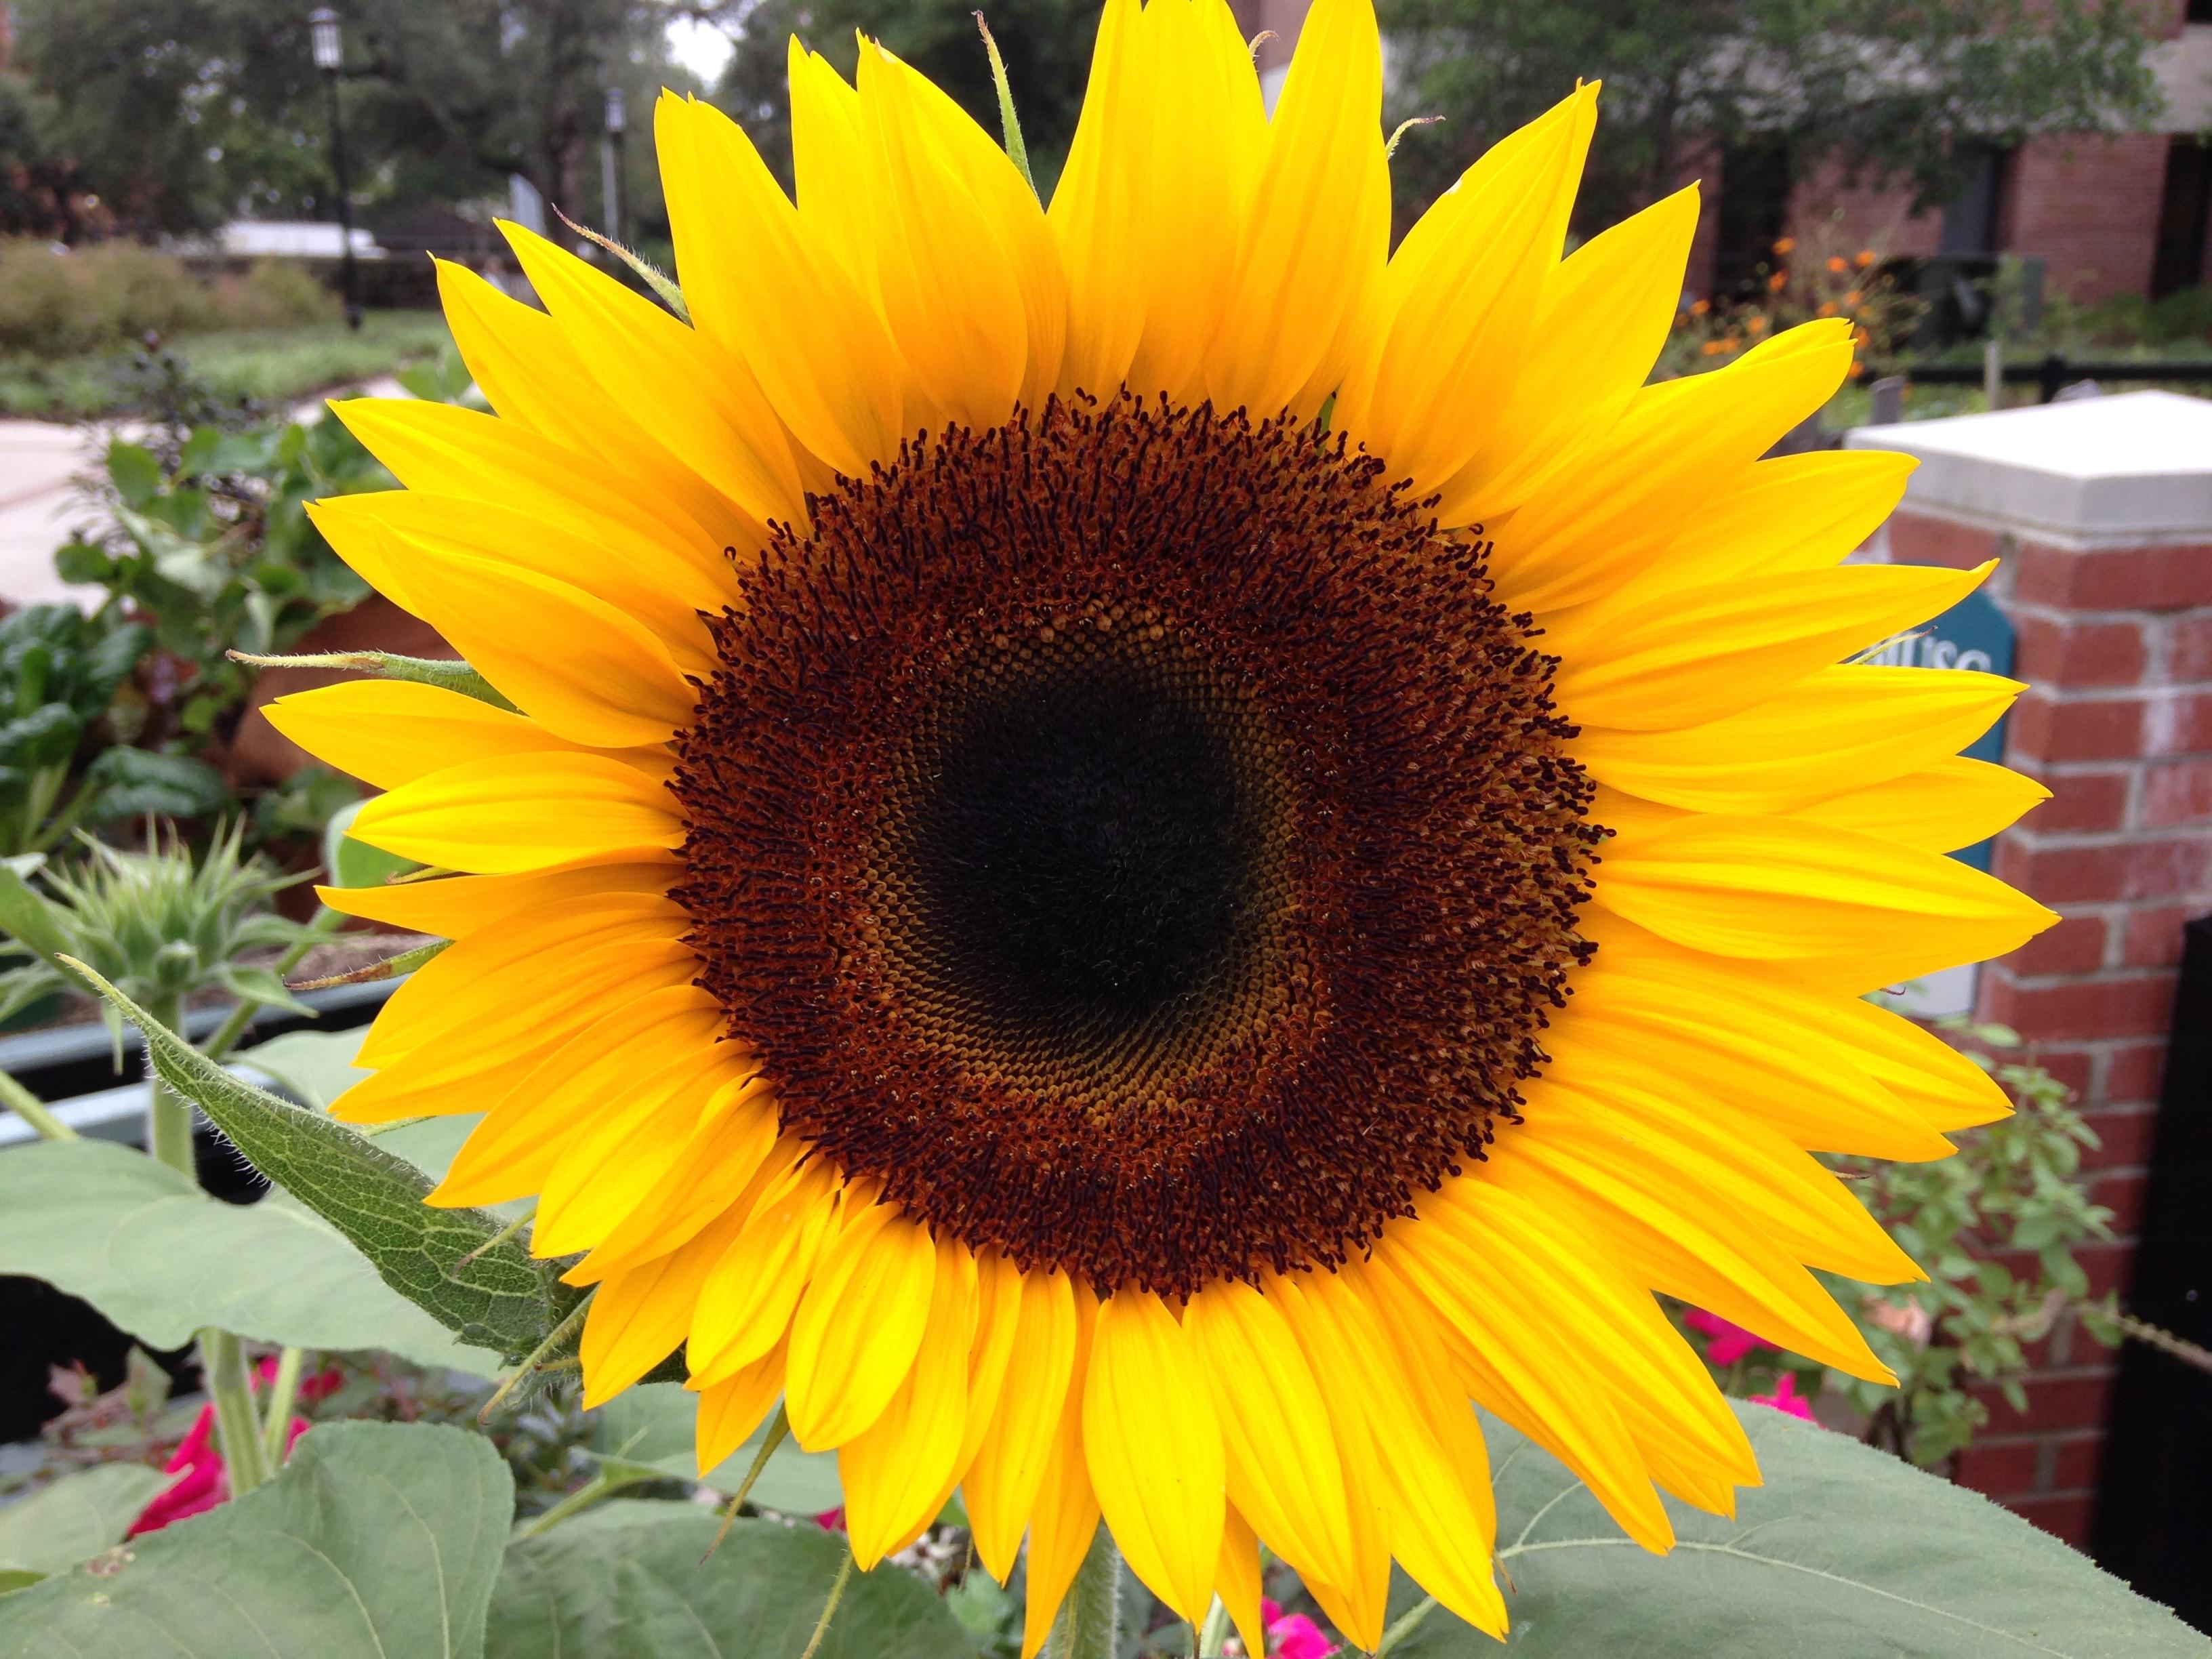 Charleston Residential Landscape Design - Sunflower